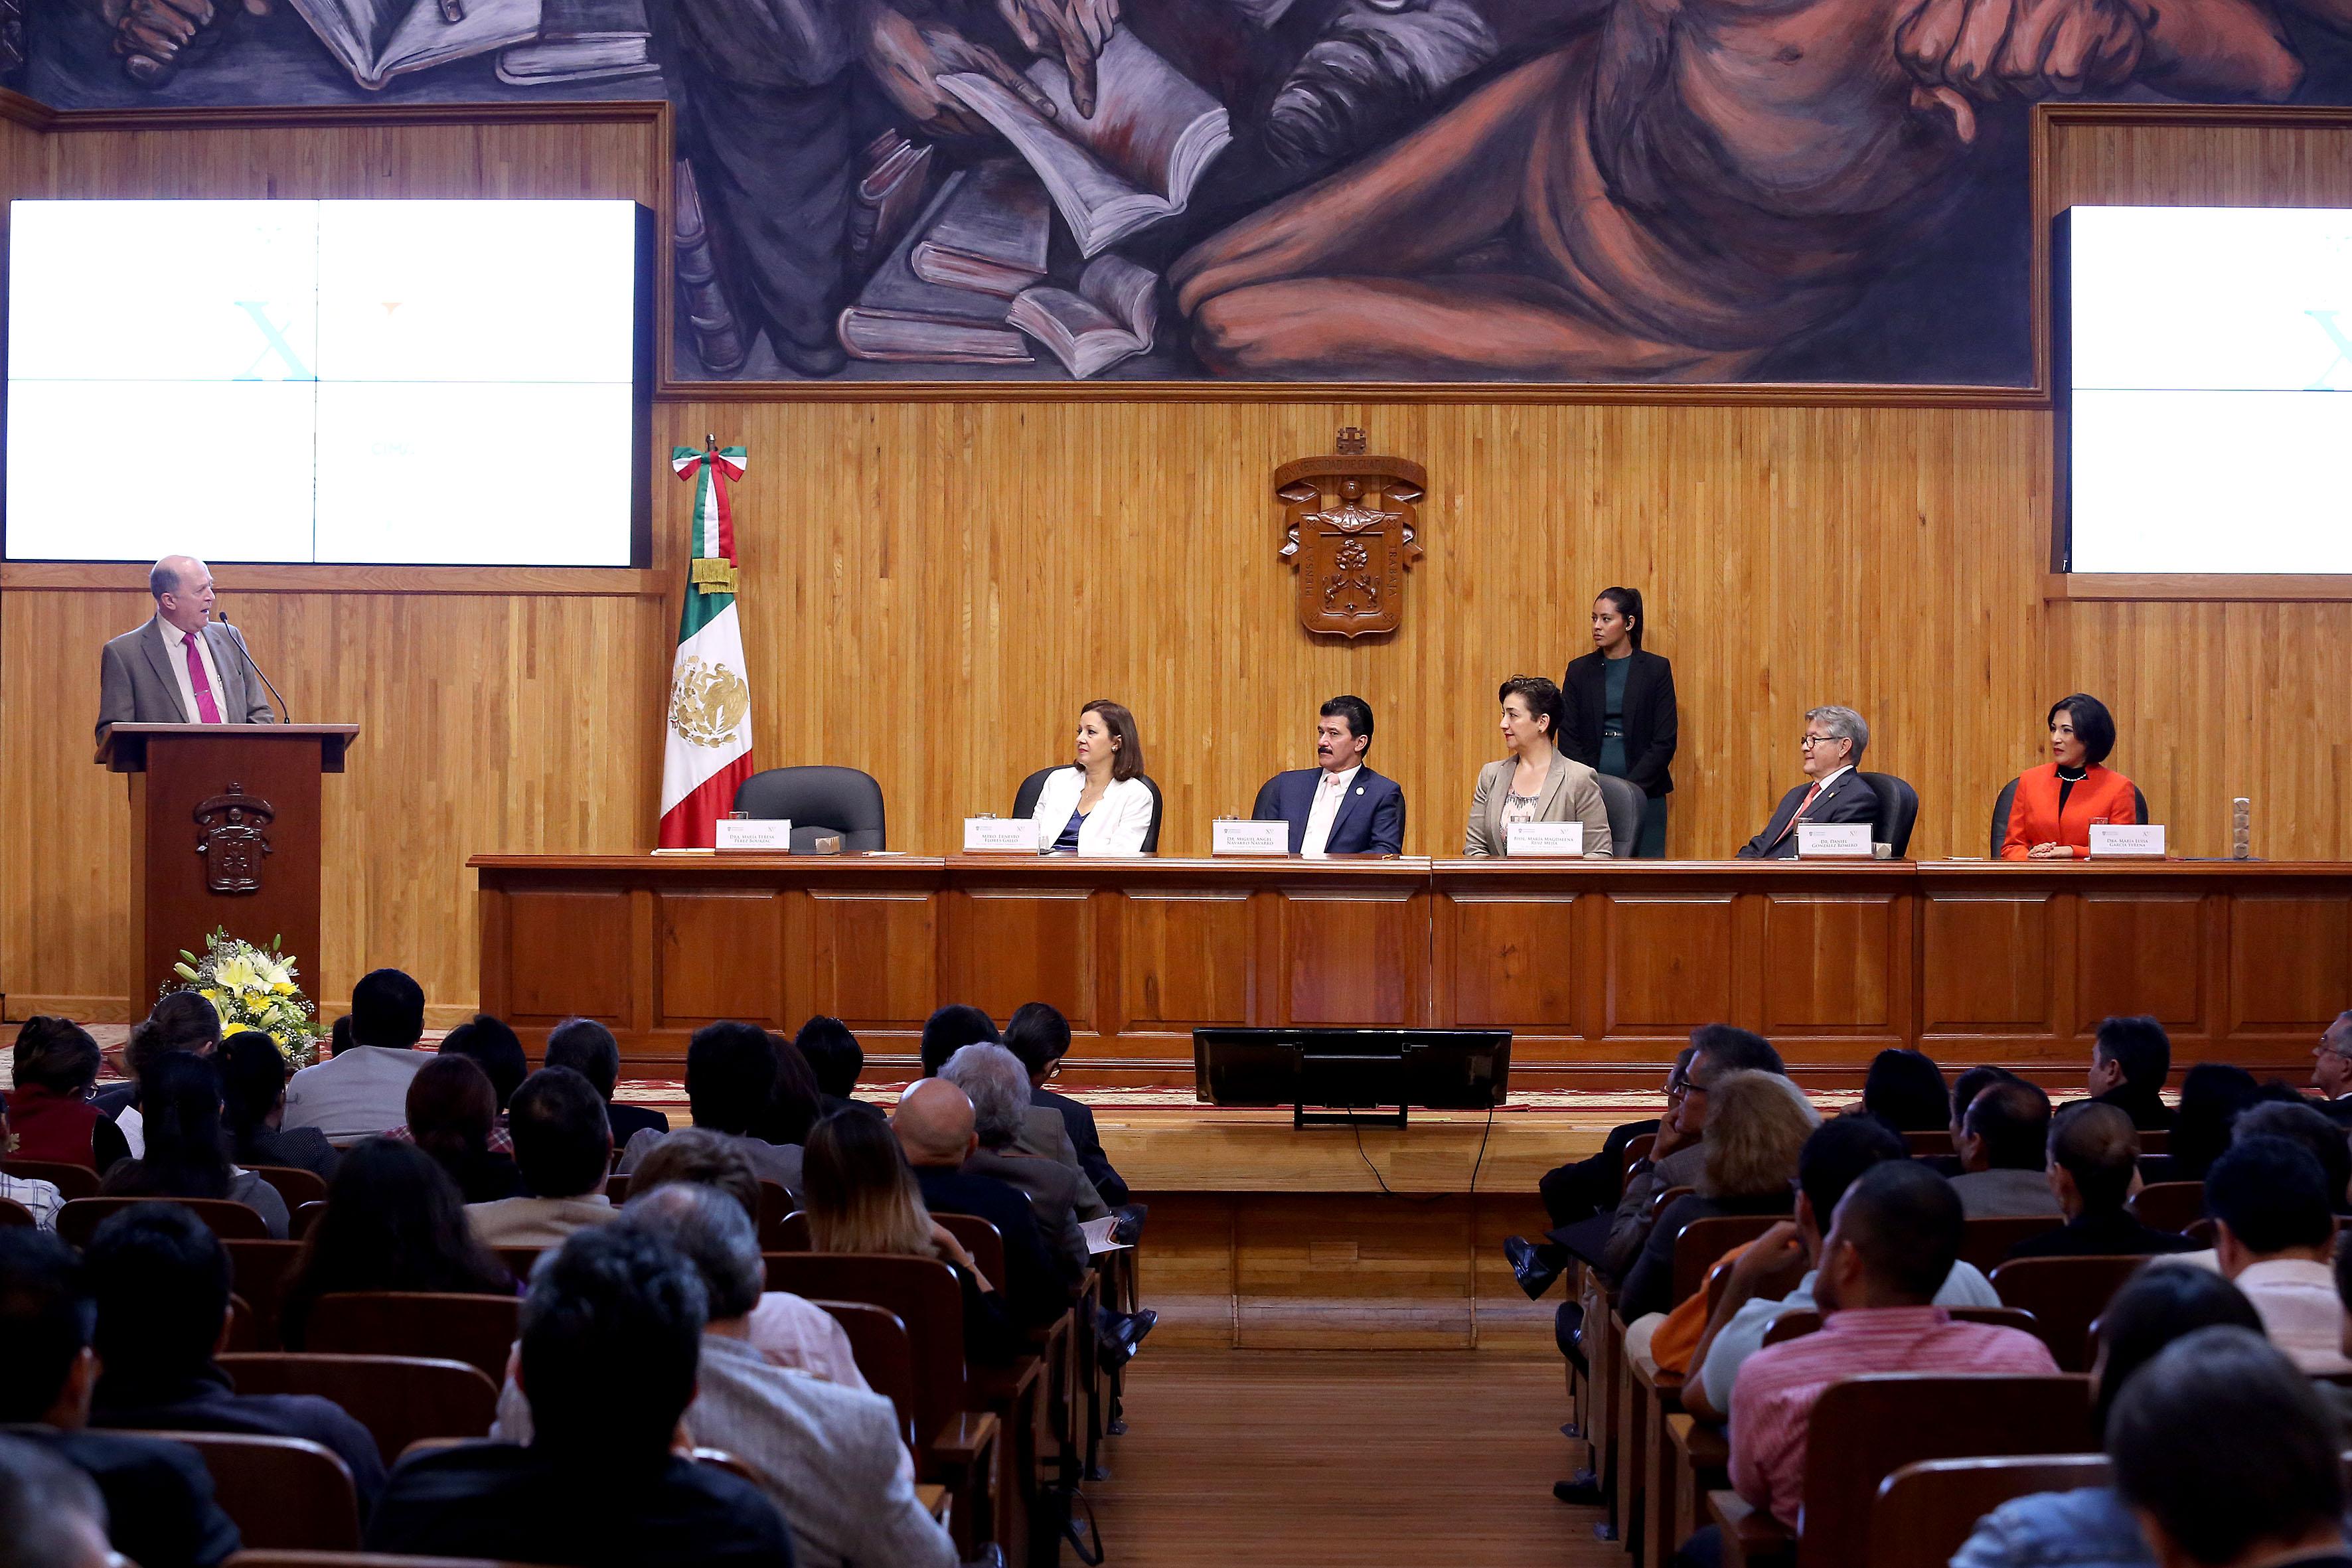 Paraninfo Enrique Díaz de León se celebraron los 15 años del doctorado en Ciudad, Territorio y Sustentabilidad y de la maestría en Procesos y Expresión Gráfica en la Proyectación Arquitectónica-Urbana, del Centro Universitario de Arte, Arquitectura y Diseño (CUAAD), de la Universidad de Guadalajara (UdeG)